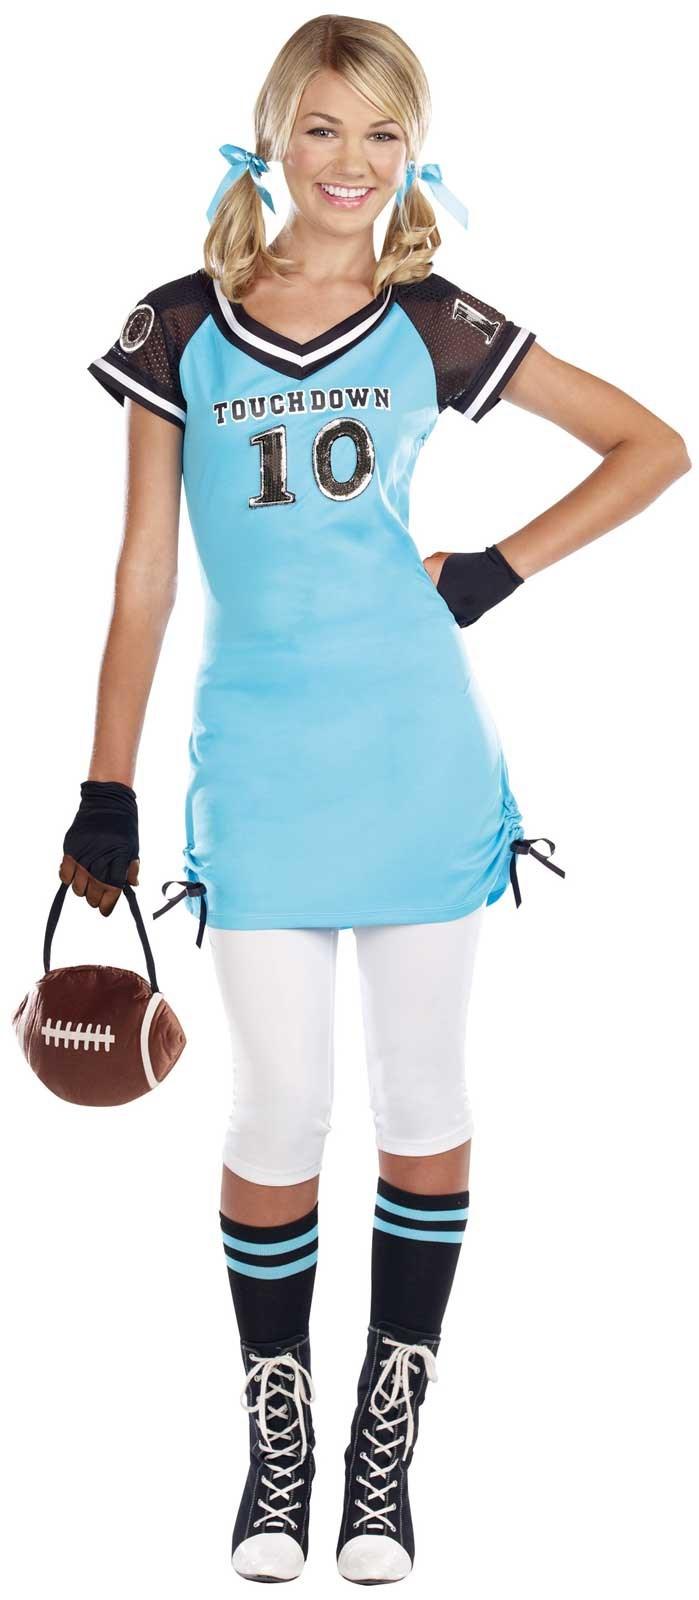 Football Touchdown Cutie Teen Costume